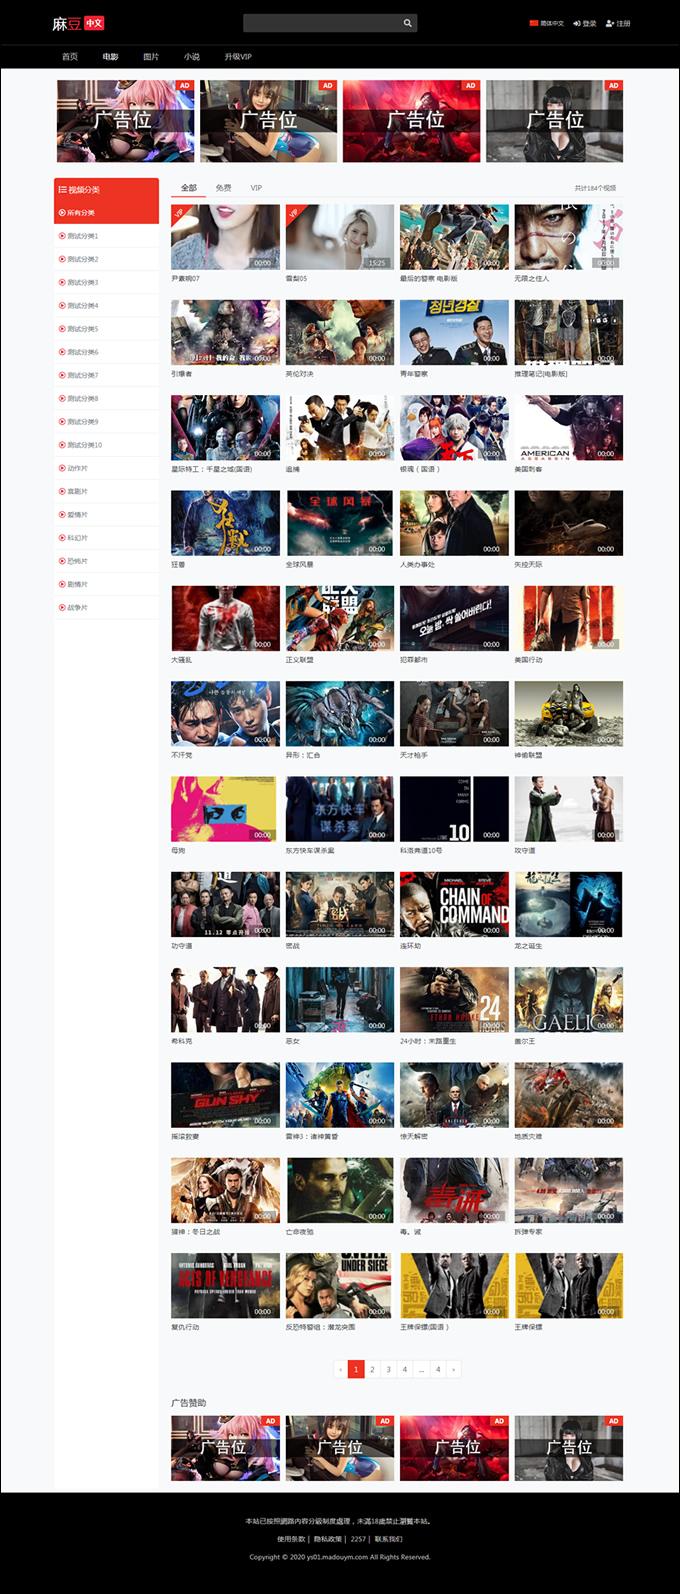 仿七色影视站整站源码,苹果cms二开,可以做视频收费,在线图片+小说文章,综合视频类网站插图(2)